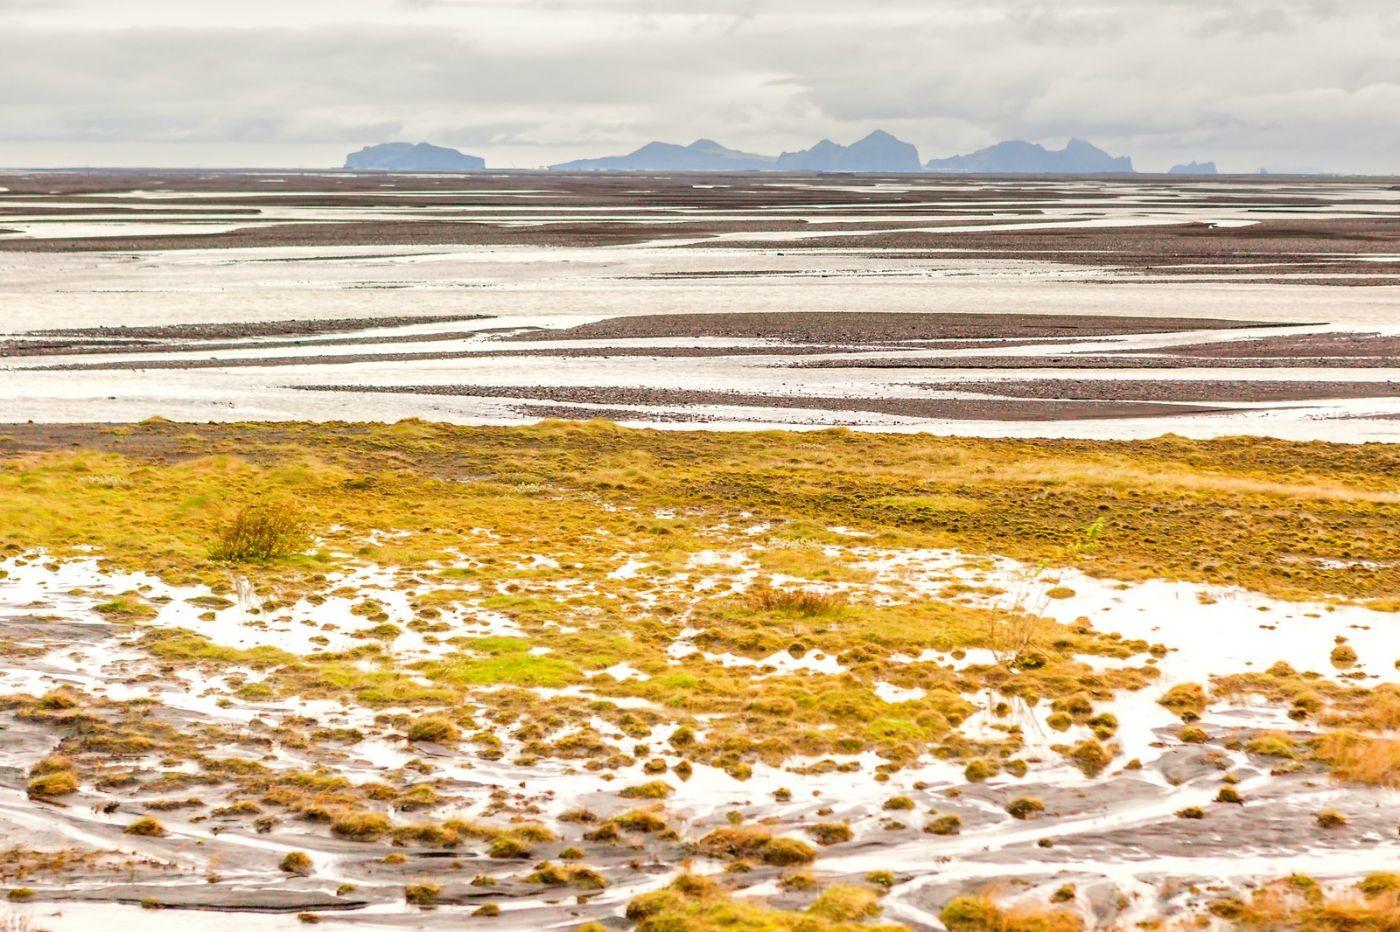 冰岛风采,奇山怪石_图1-35